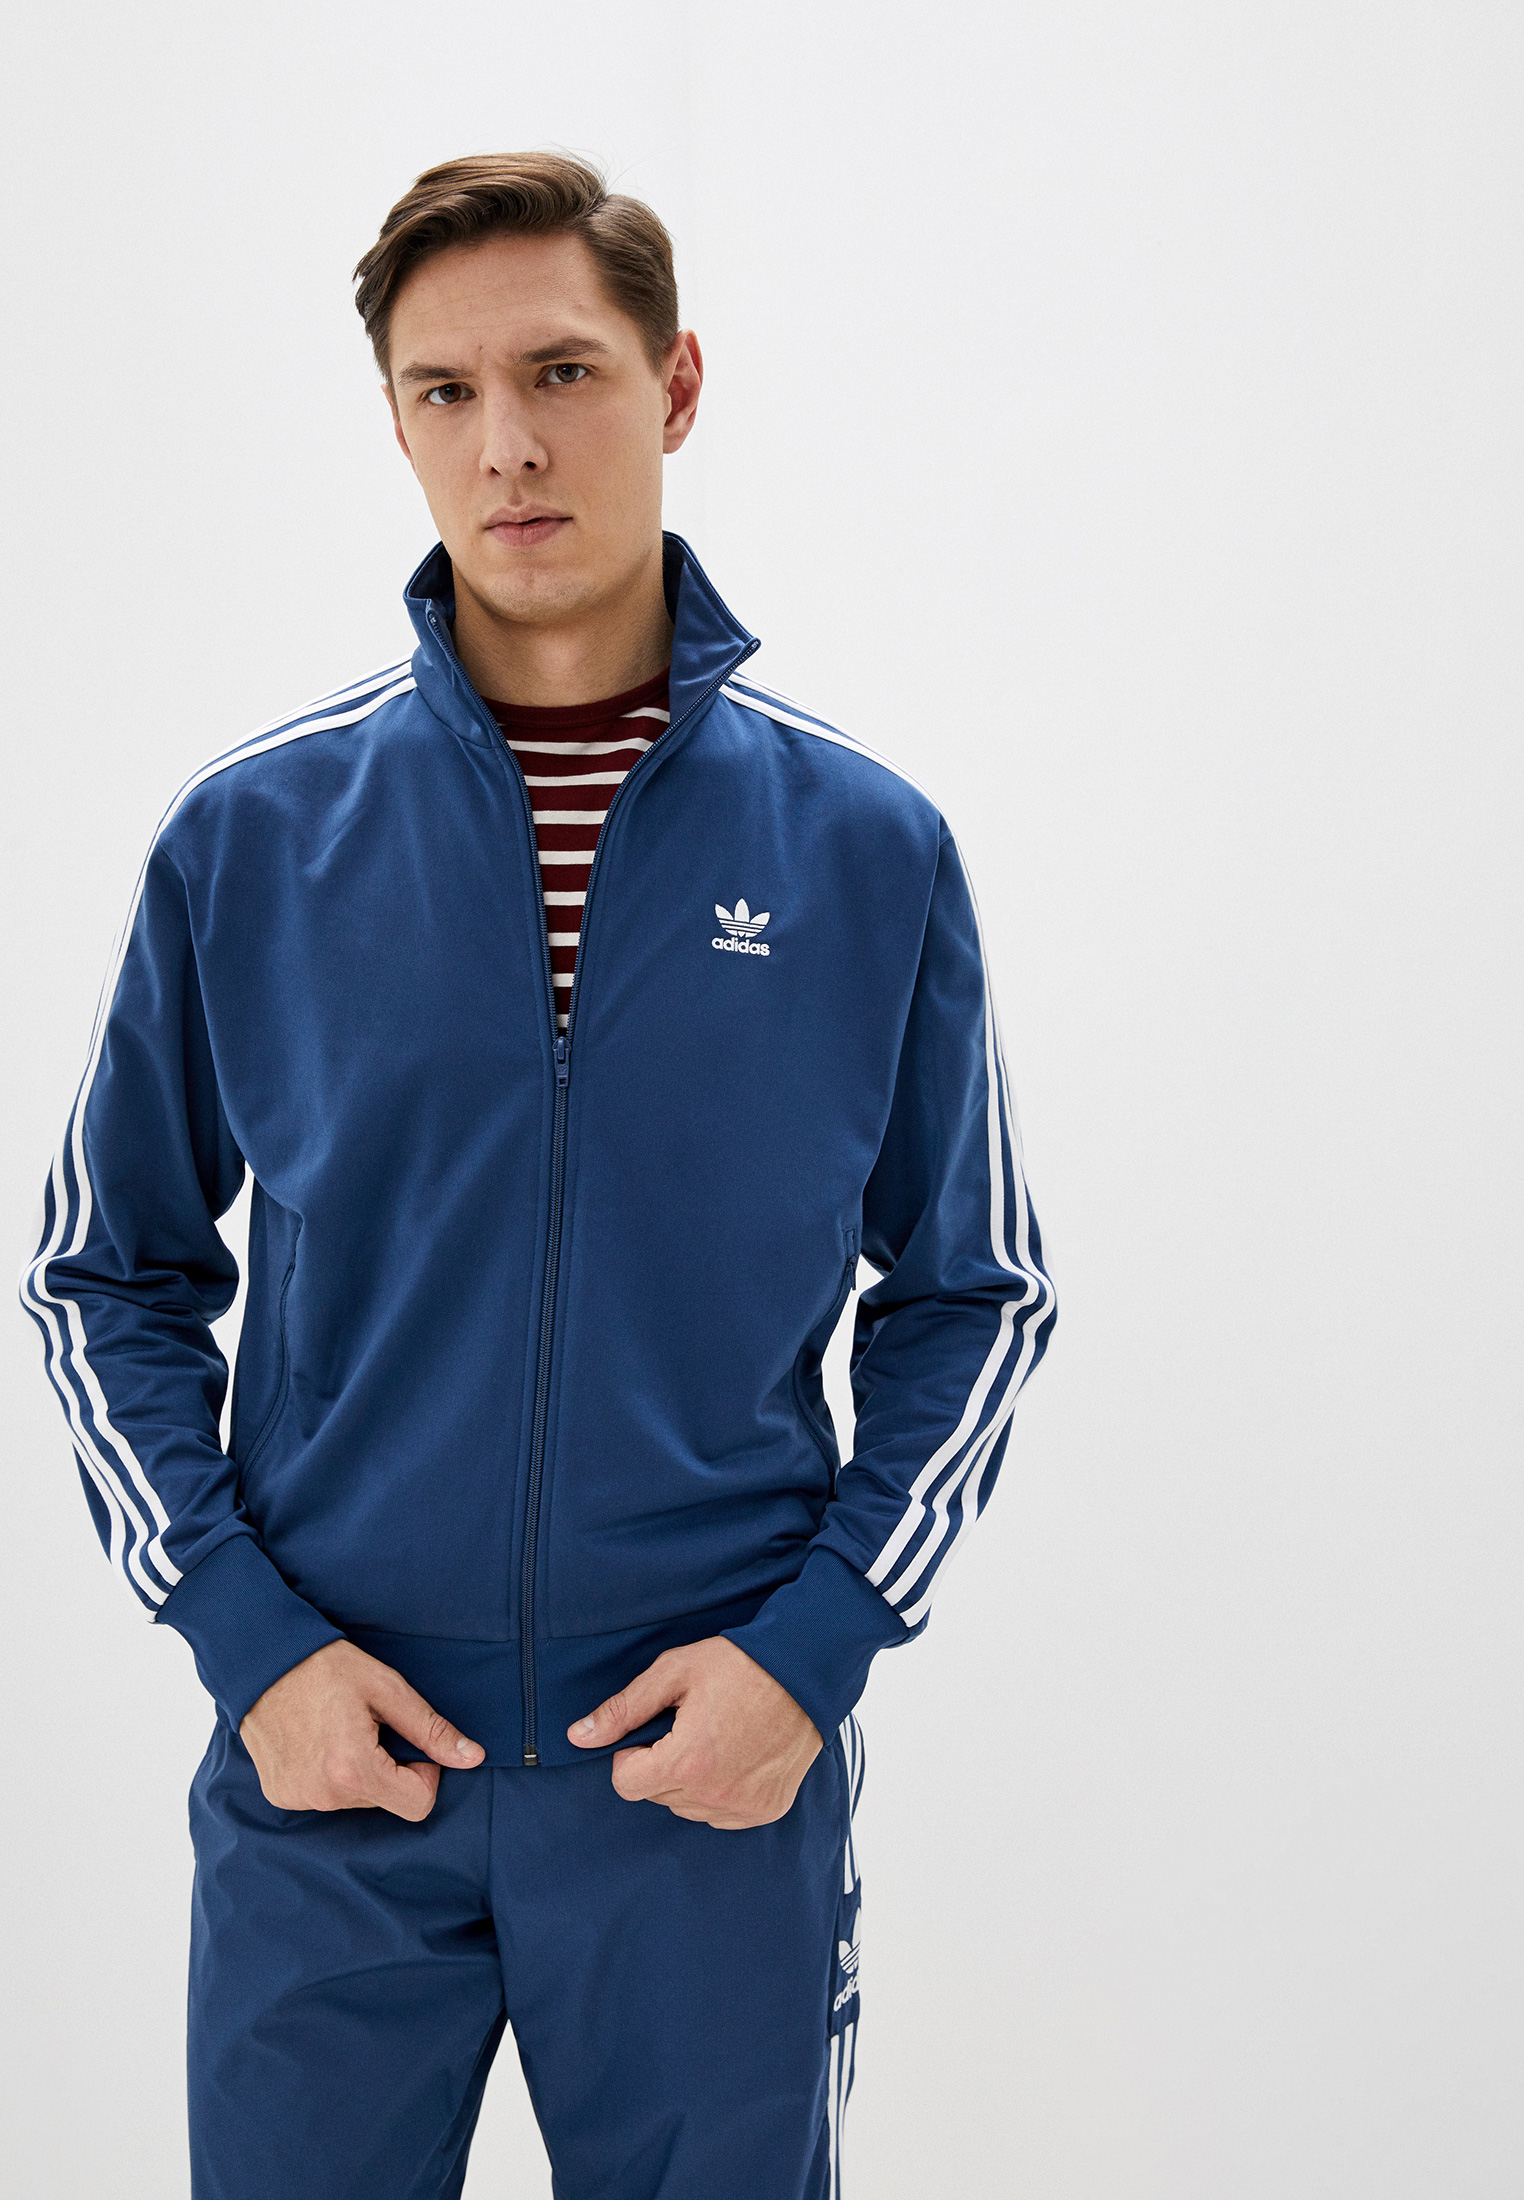 Олимпийка adidas Originals купить за 2 242 ₽ в интернет-магазине Lamoda.ru